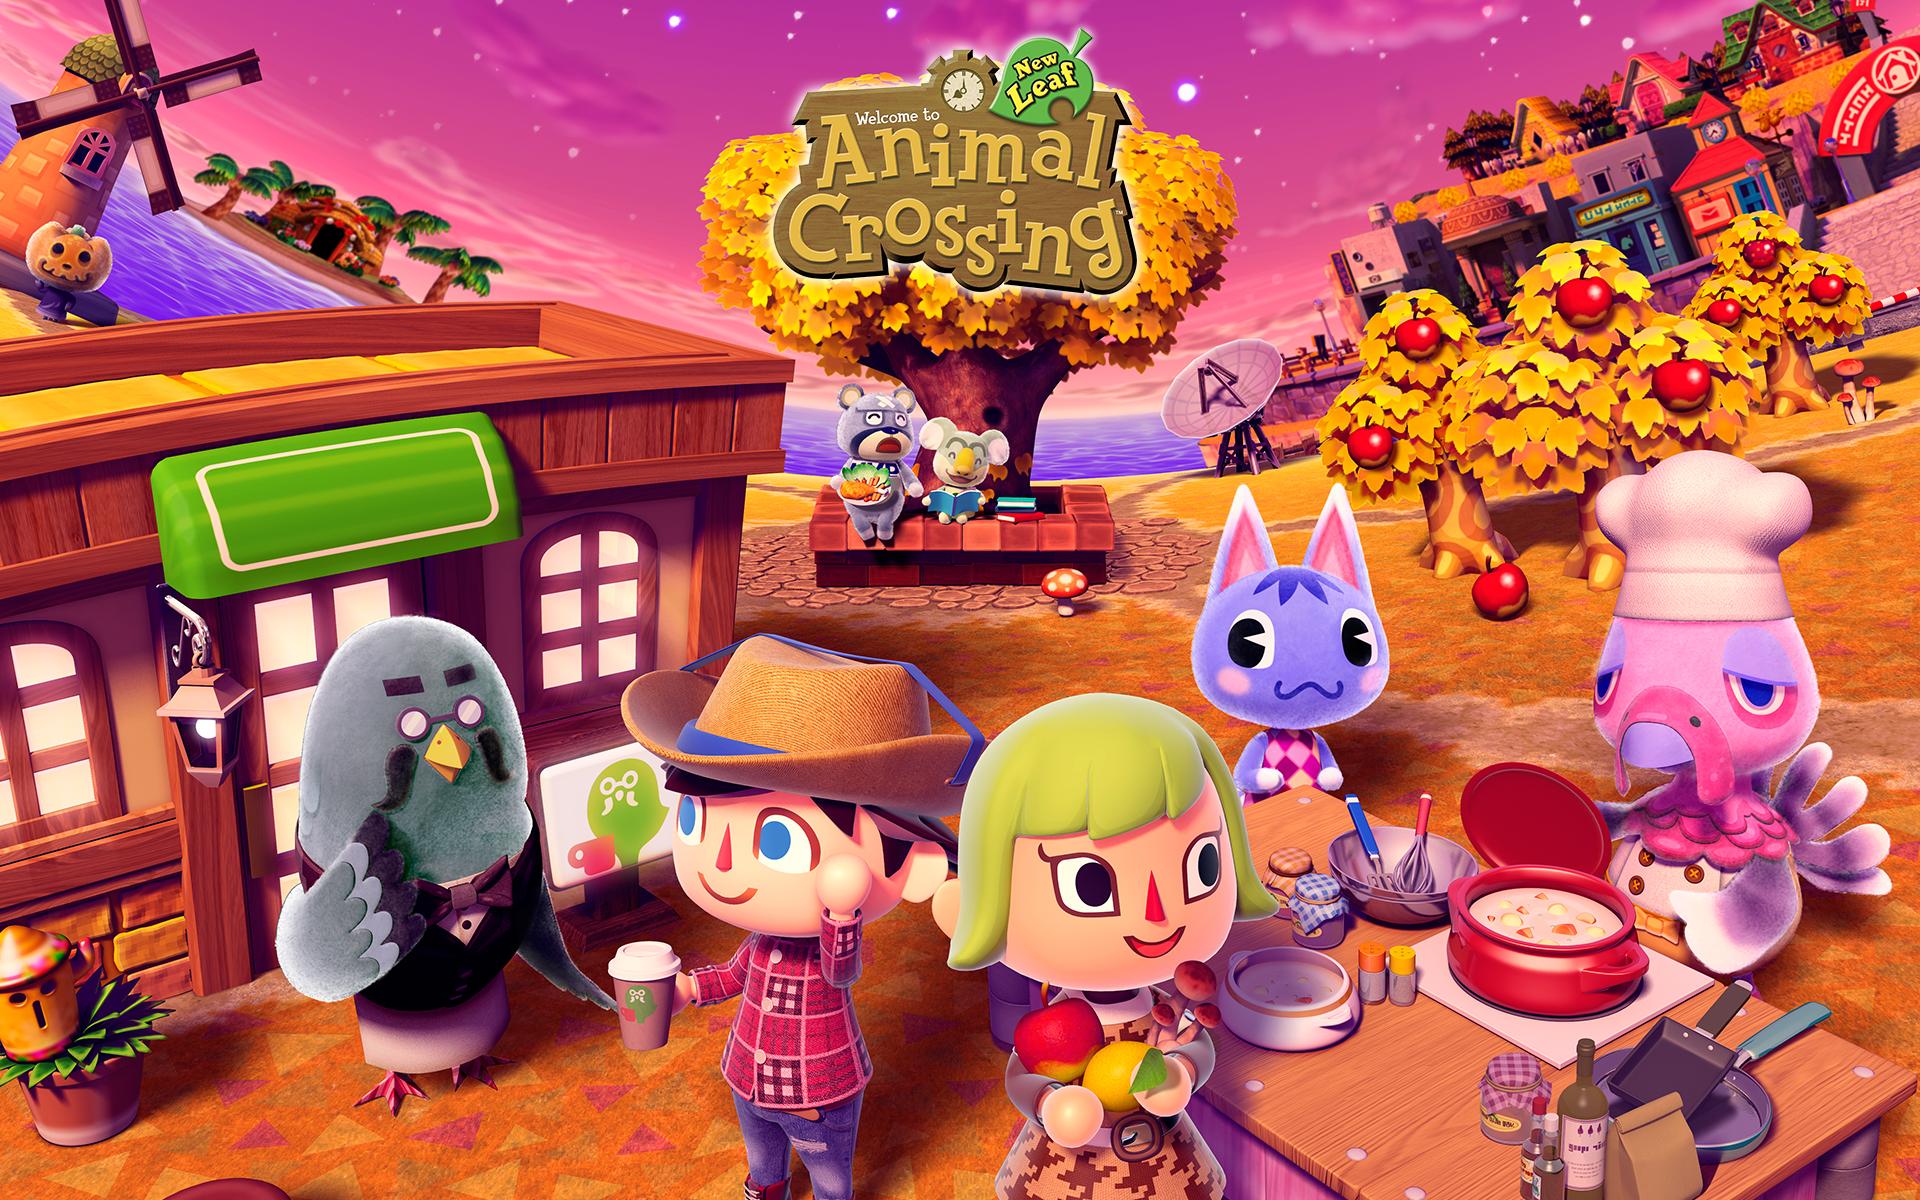 47+ Animal Crossing HD Wallpaper on WallpaperSafari